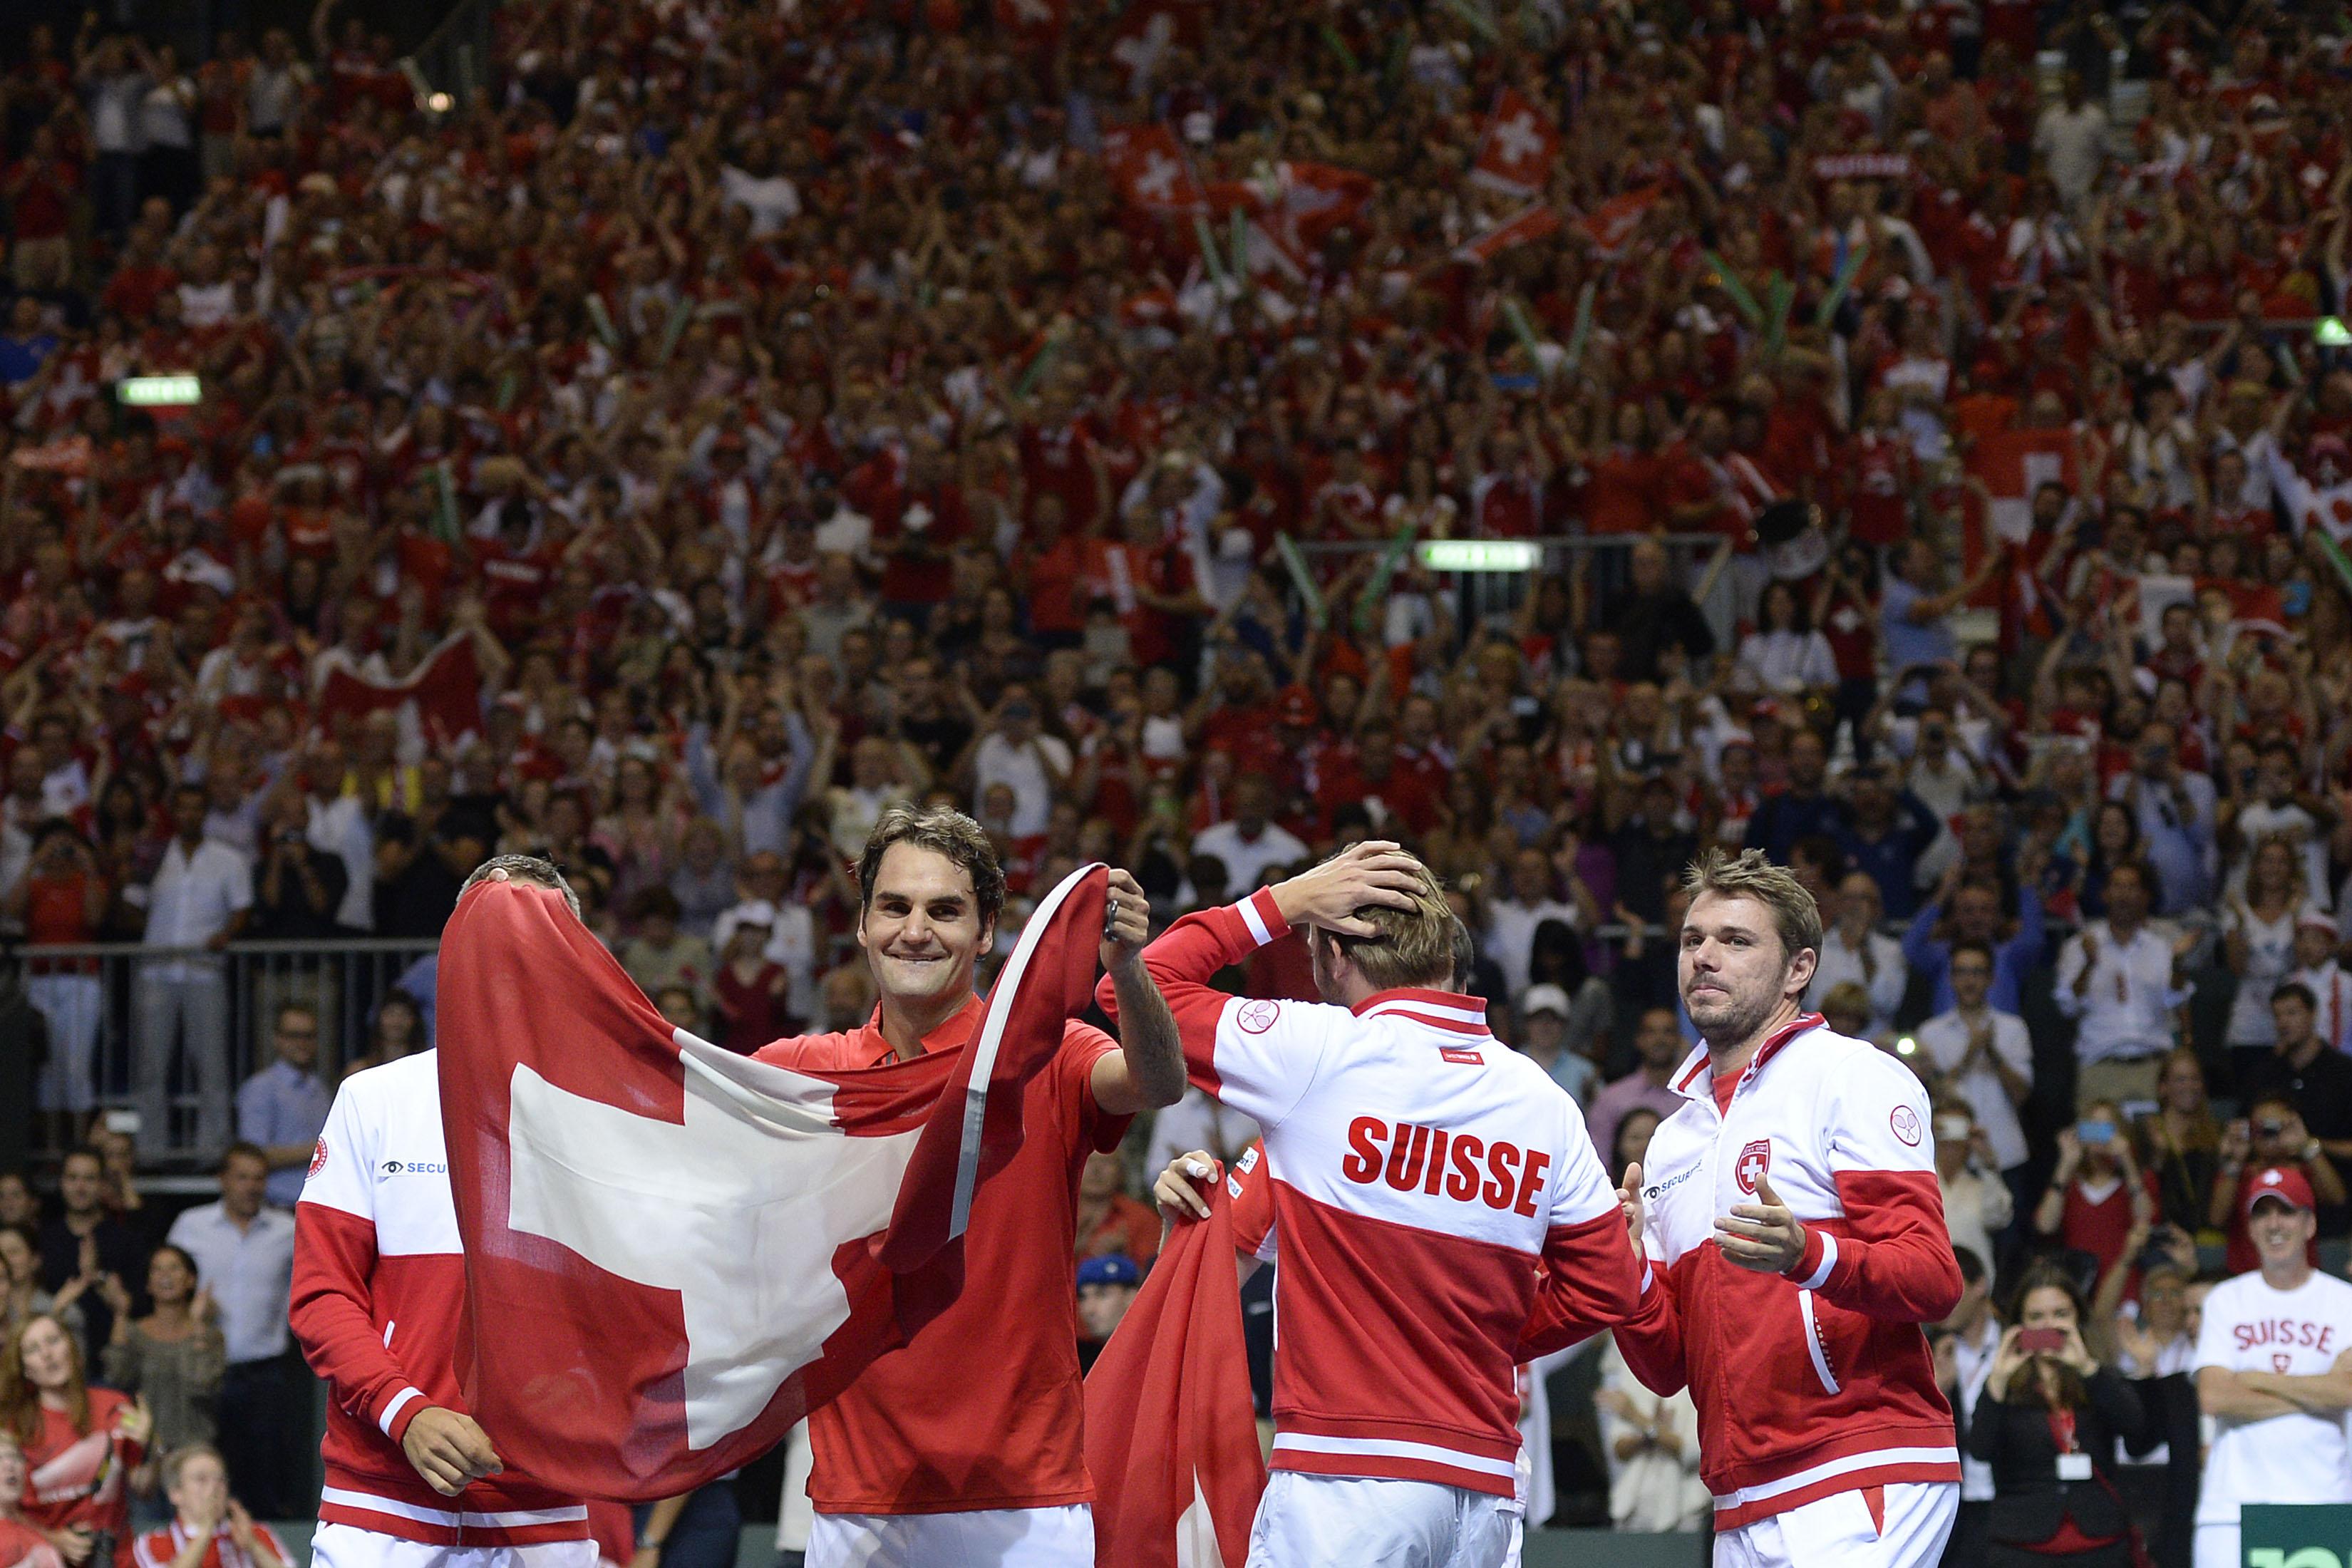 Im besten Fall fröhlicher Patriotismus: Die Schweiz gewinnt im Halbfinal von Genf gegen Italien. Roger Federer feiert mit Schweizerflagge und den Teamkollegen Marco Chiudinelli, Michael Lammer und Stan Wawrinka.